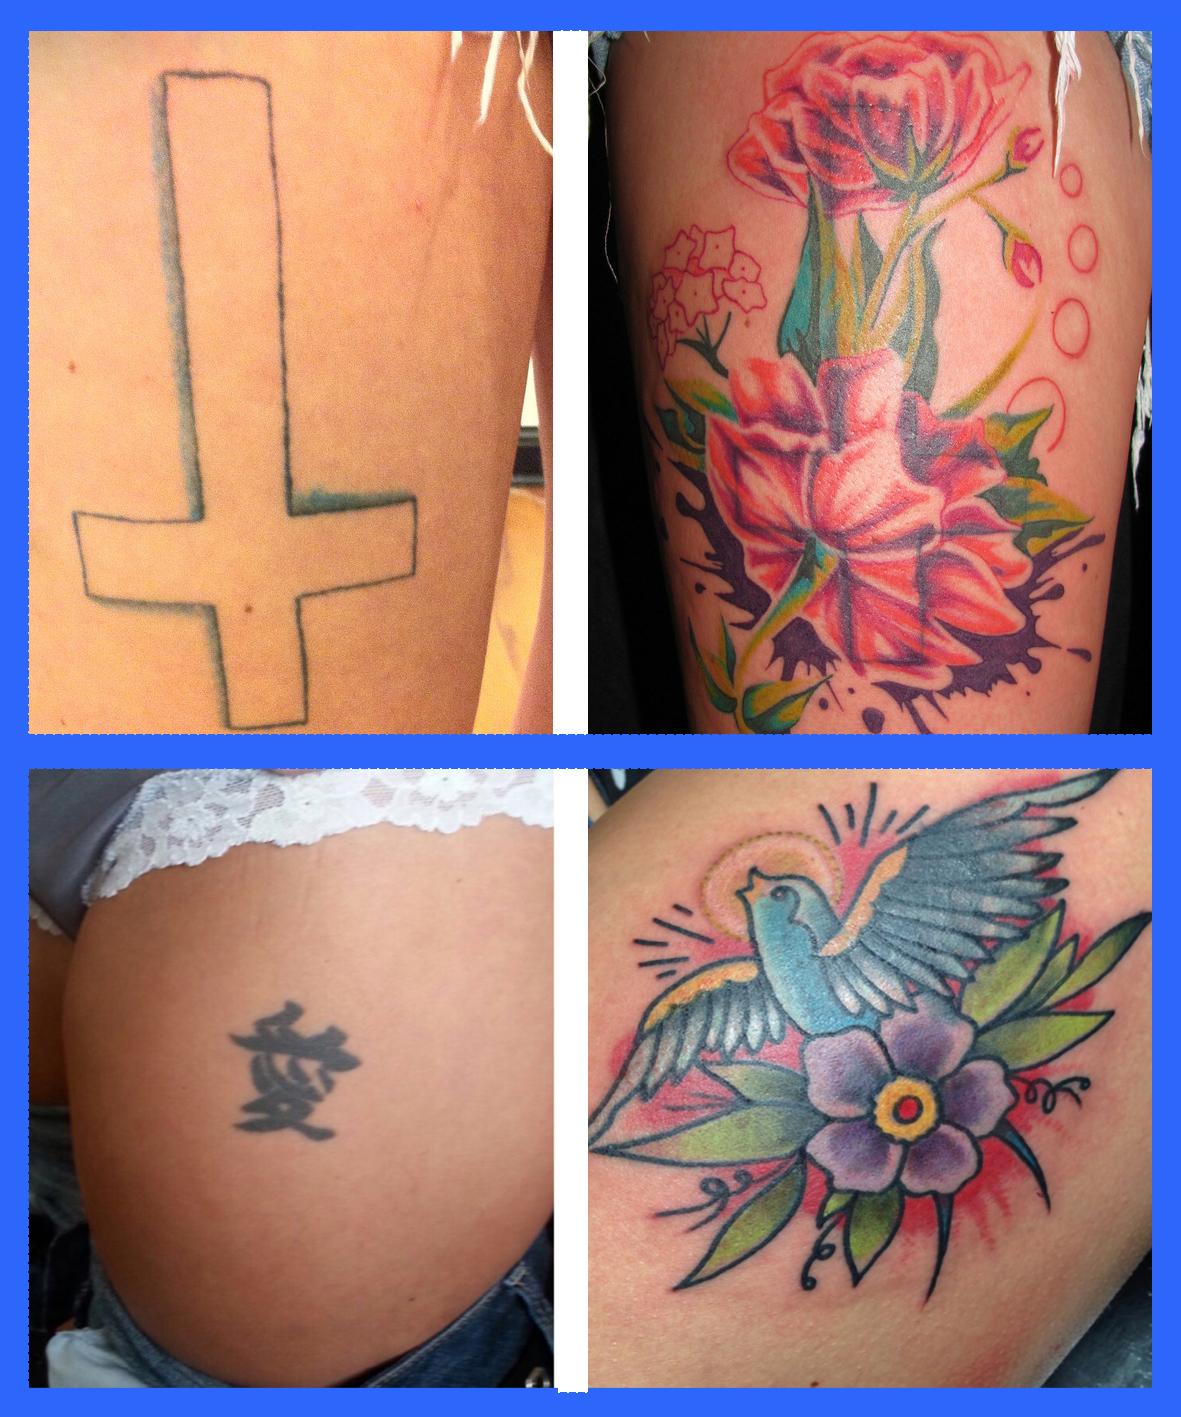 El tatuaje en salamanca estudios tatuajes y tatuadores los estilos y tendencias de tatuaje - Tatuajes de pared ...